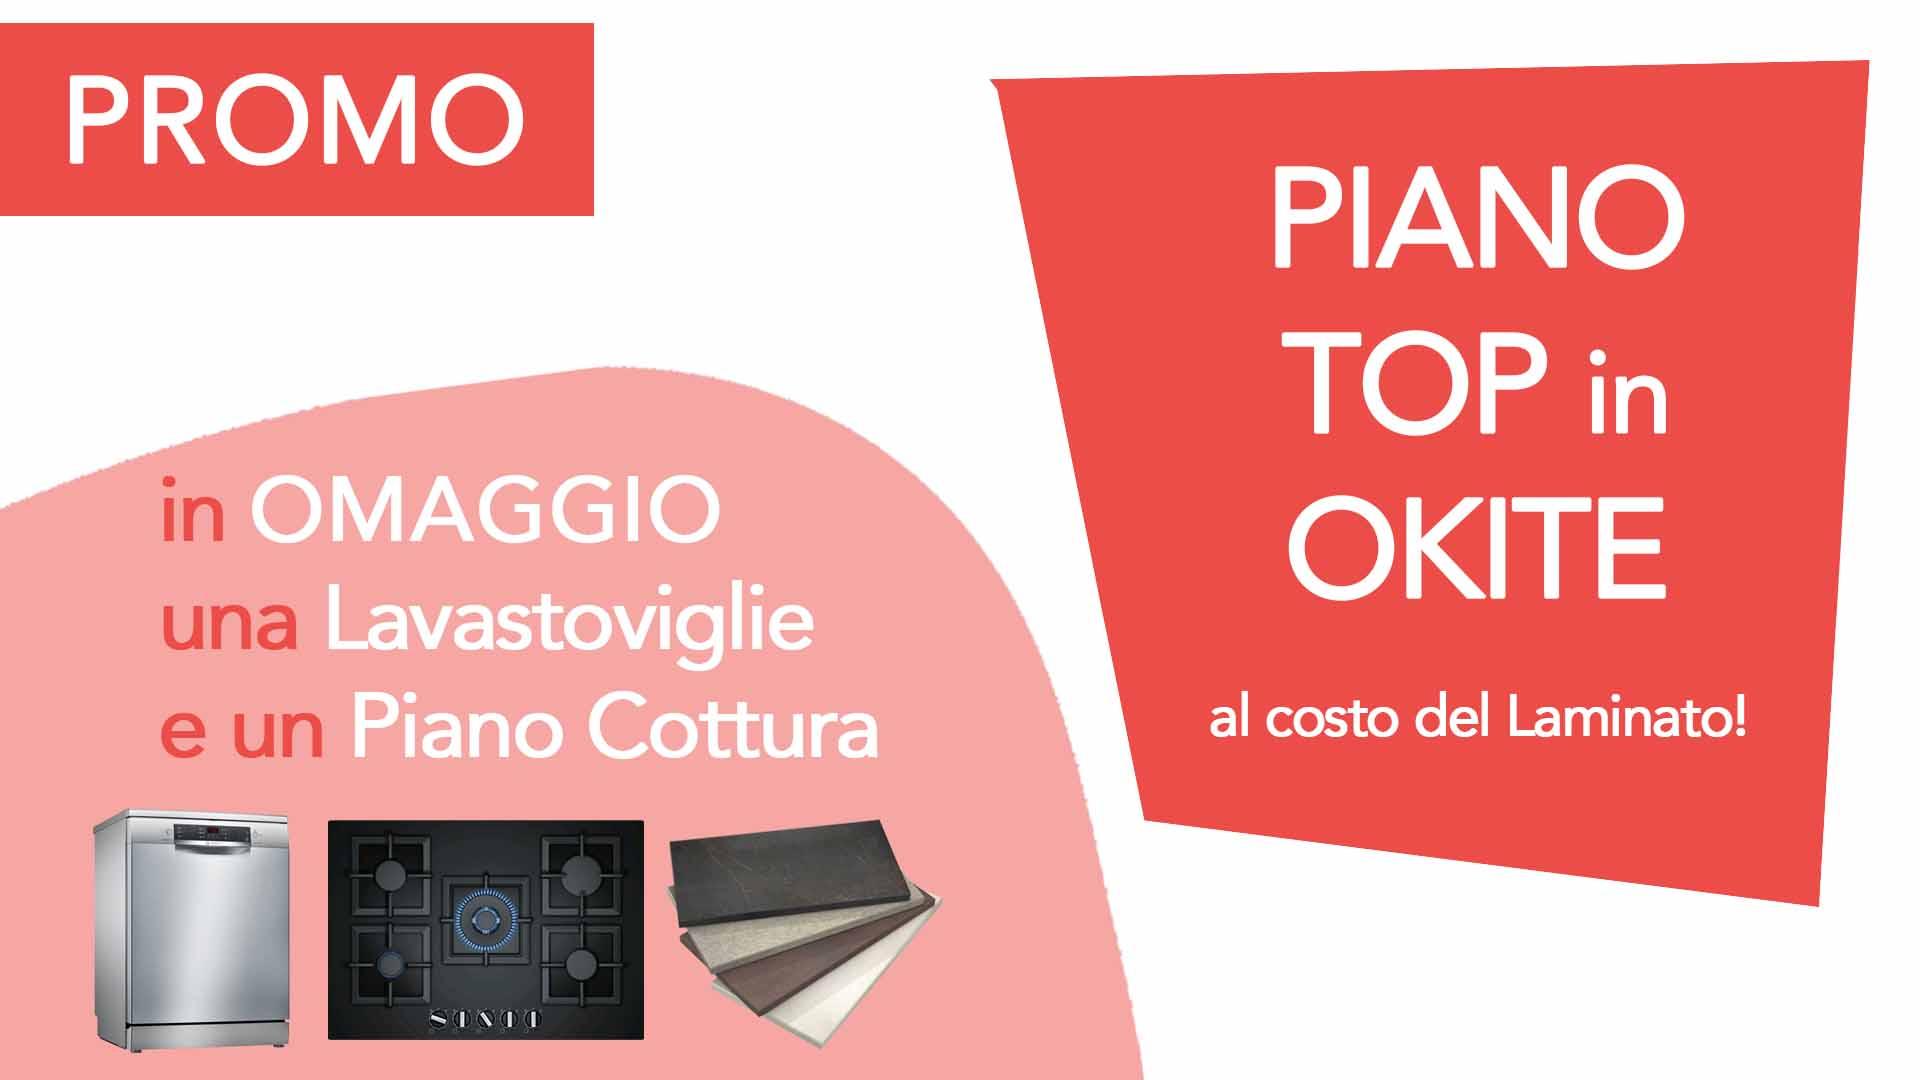 Promo Lavastoviglie Piano Cottura Top Okite